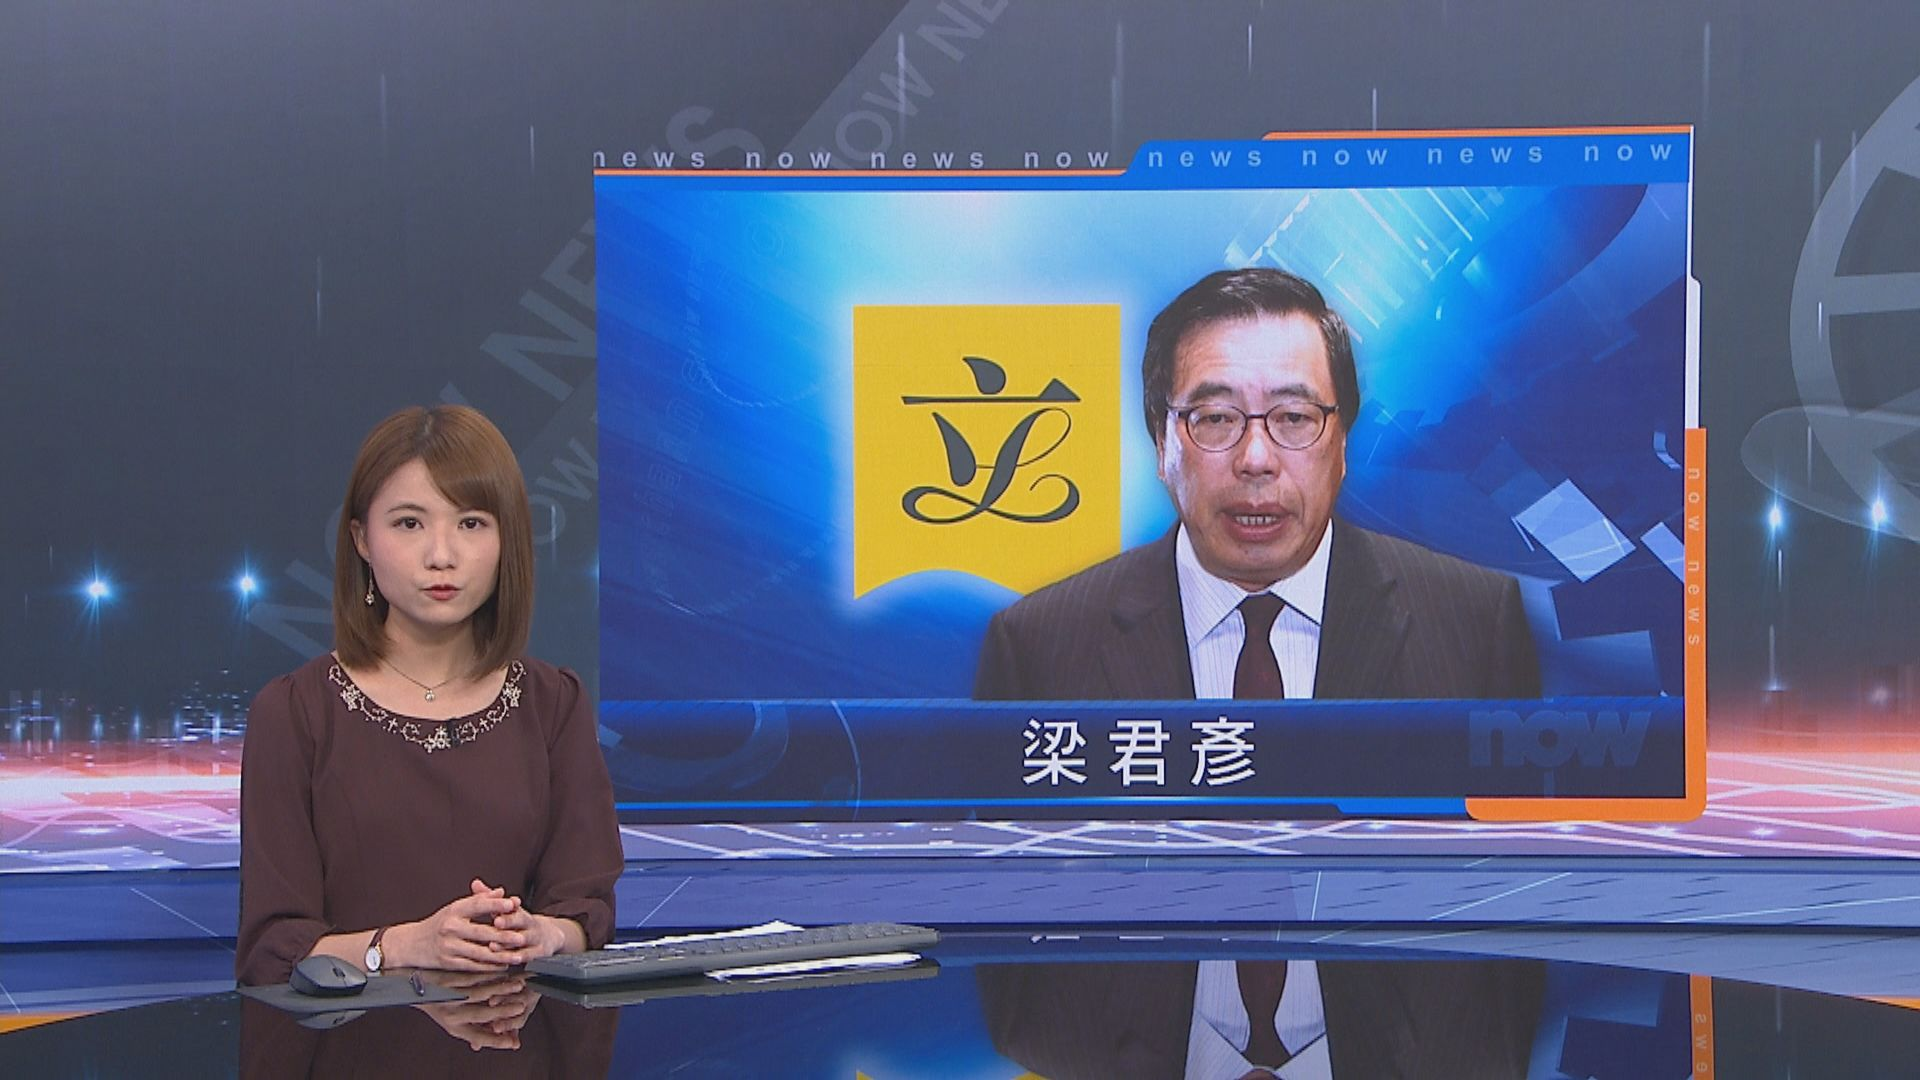 梁君彥批准民主派削減政府臨時撥款議案